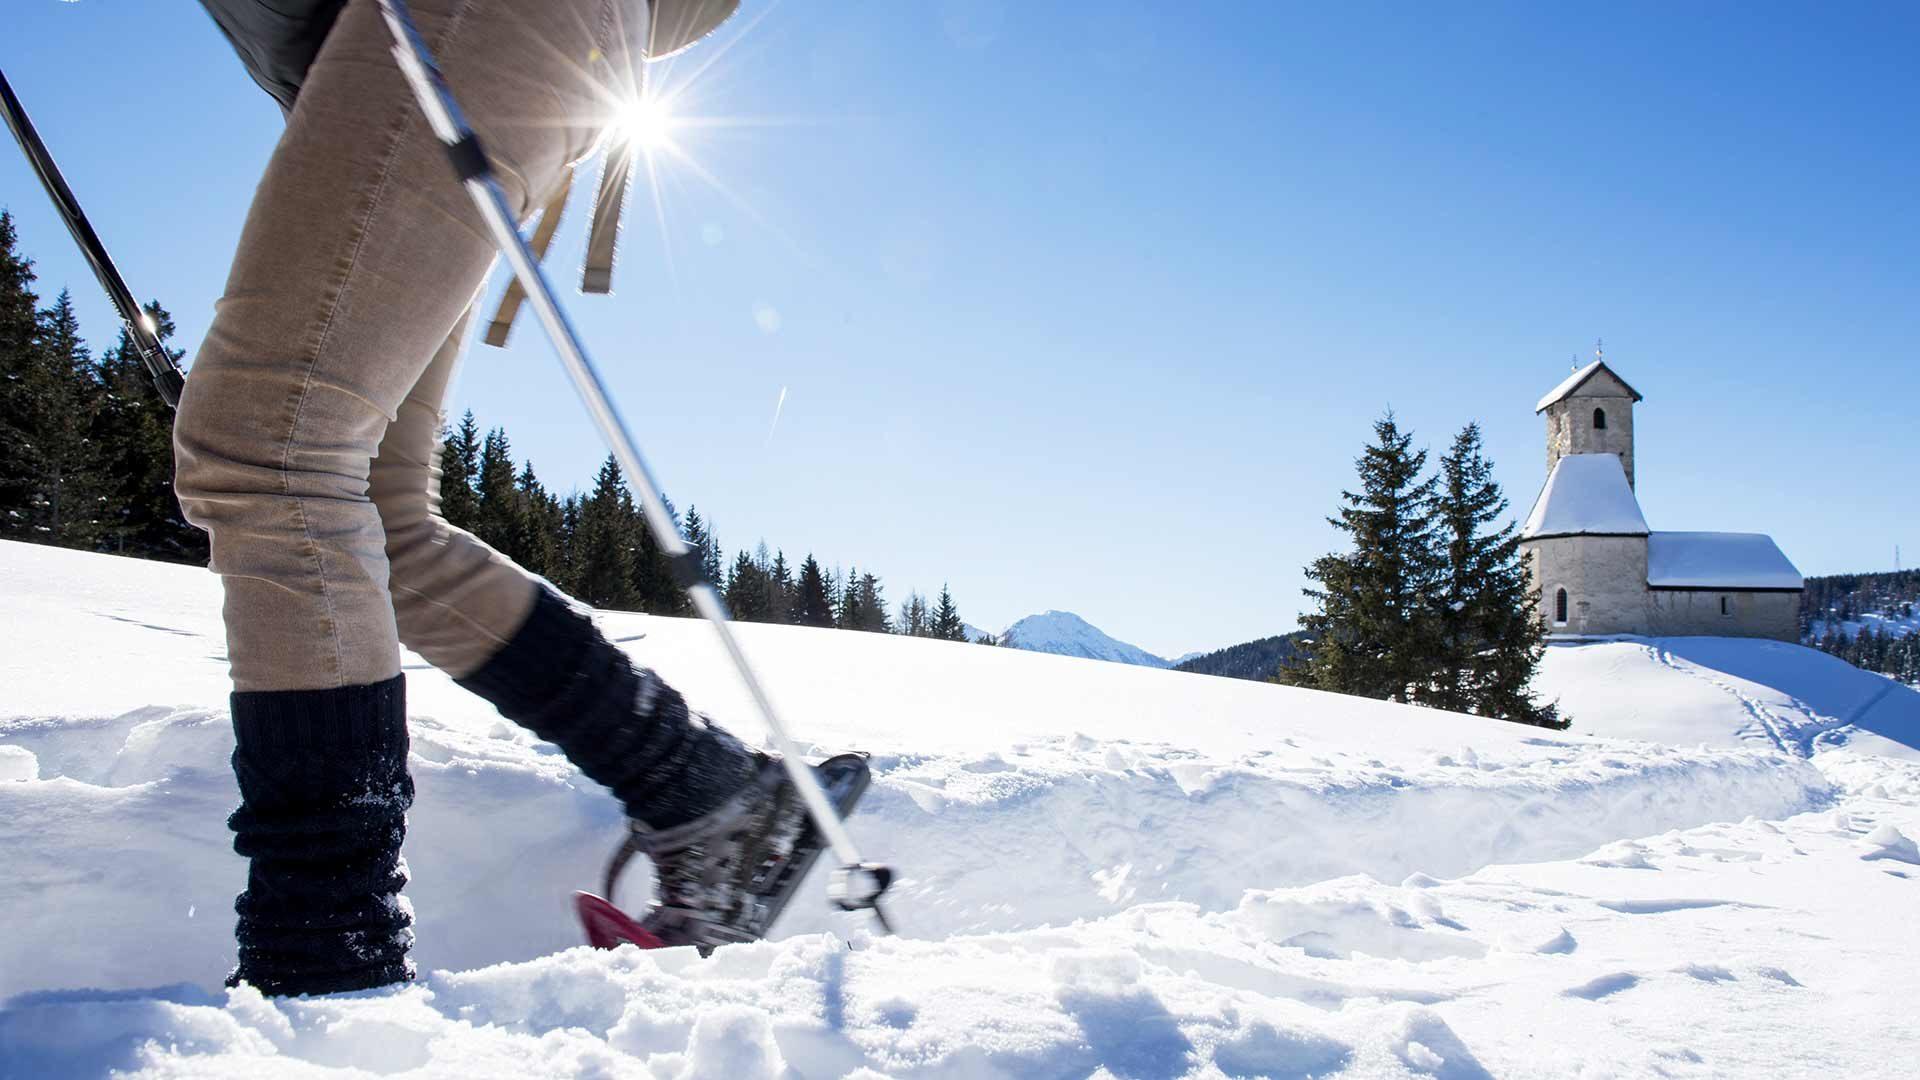 Un'escursione invernale sul Monte San Vigilio